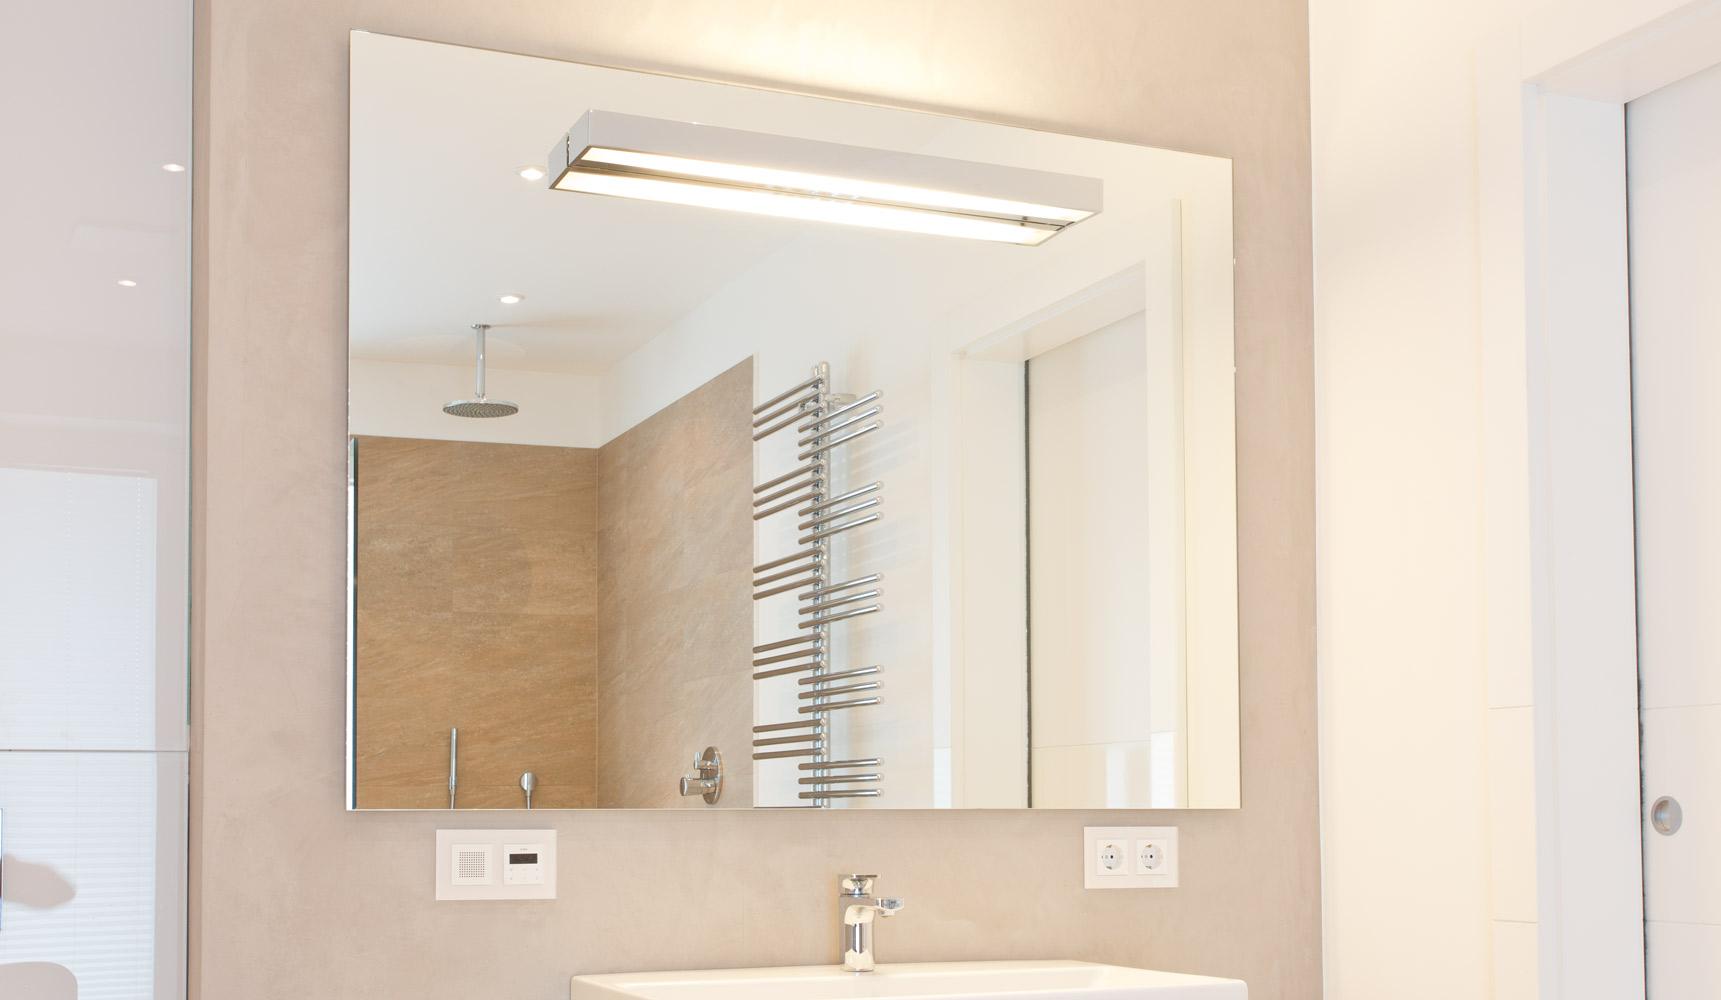 Spiegel mit integriertem Licht